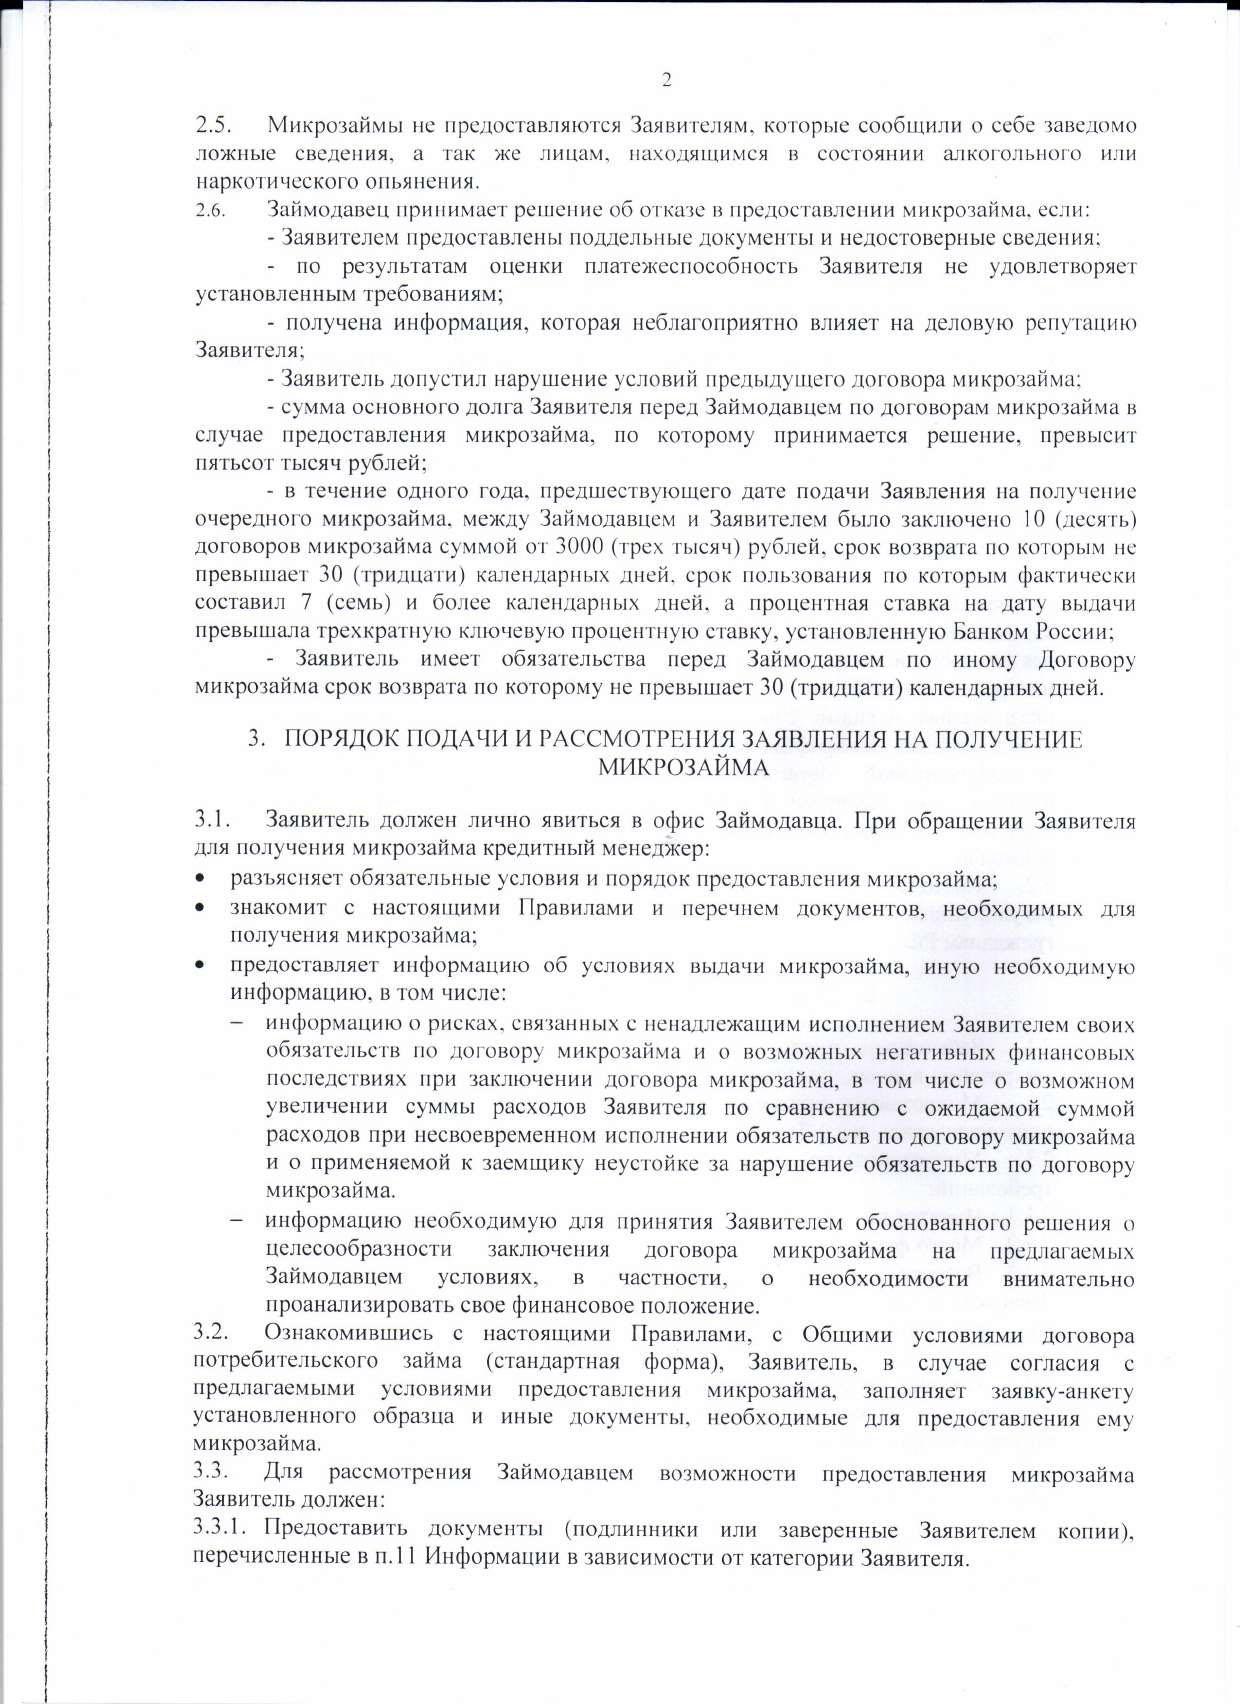 Правила предоставления микрозаймов стр2